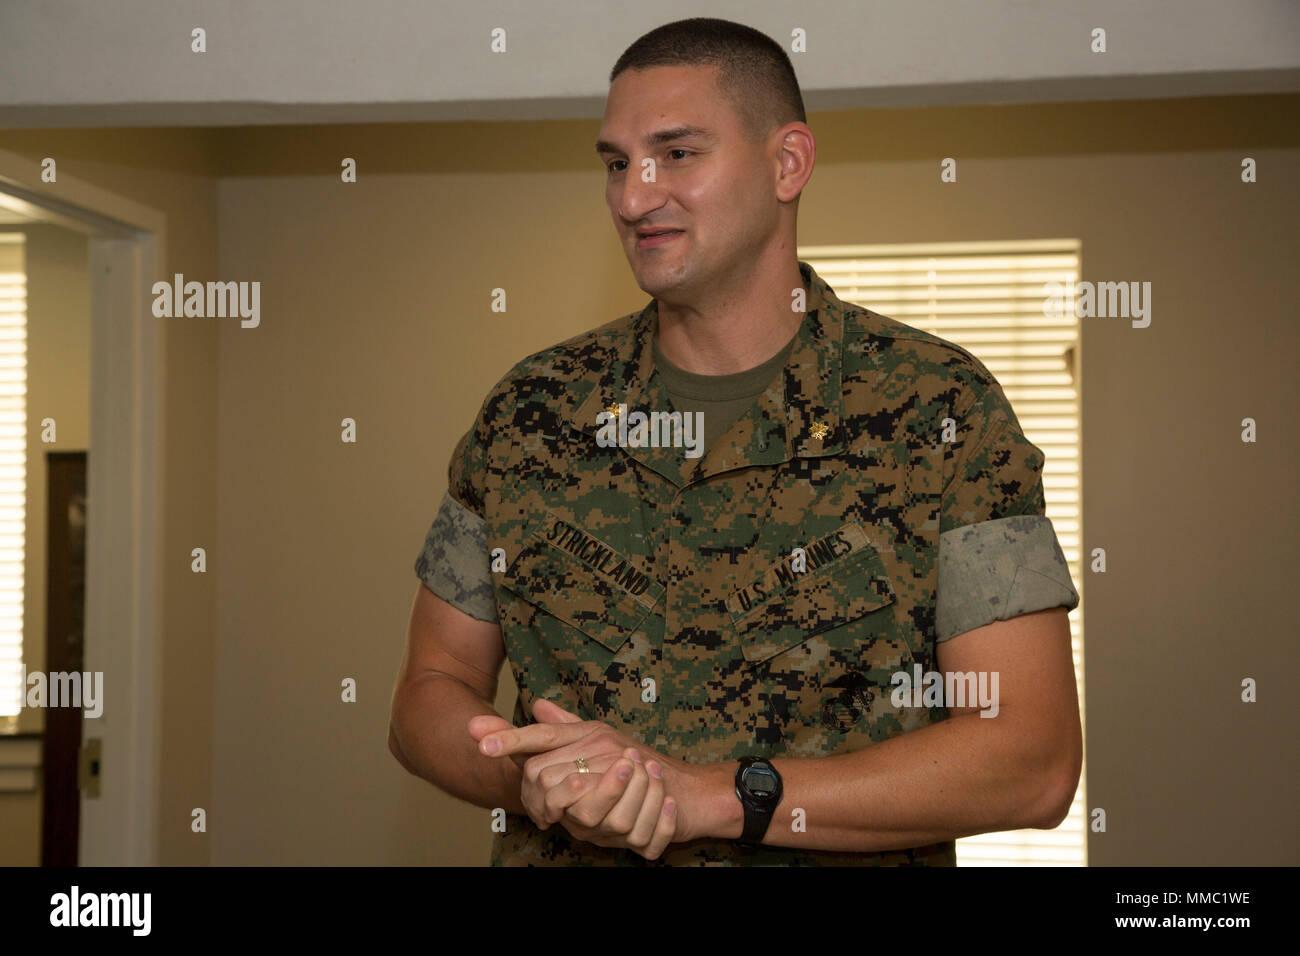 Können Frauen sich den Marines anschließen